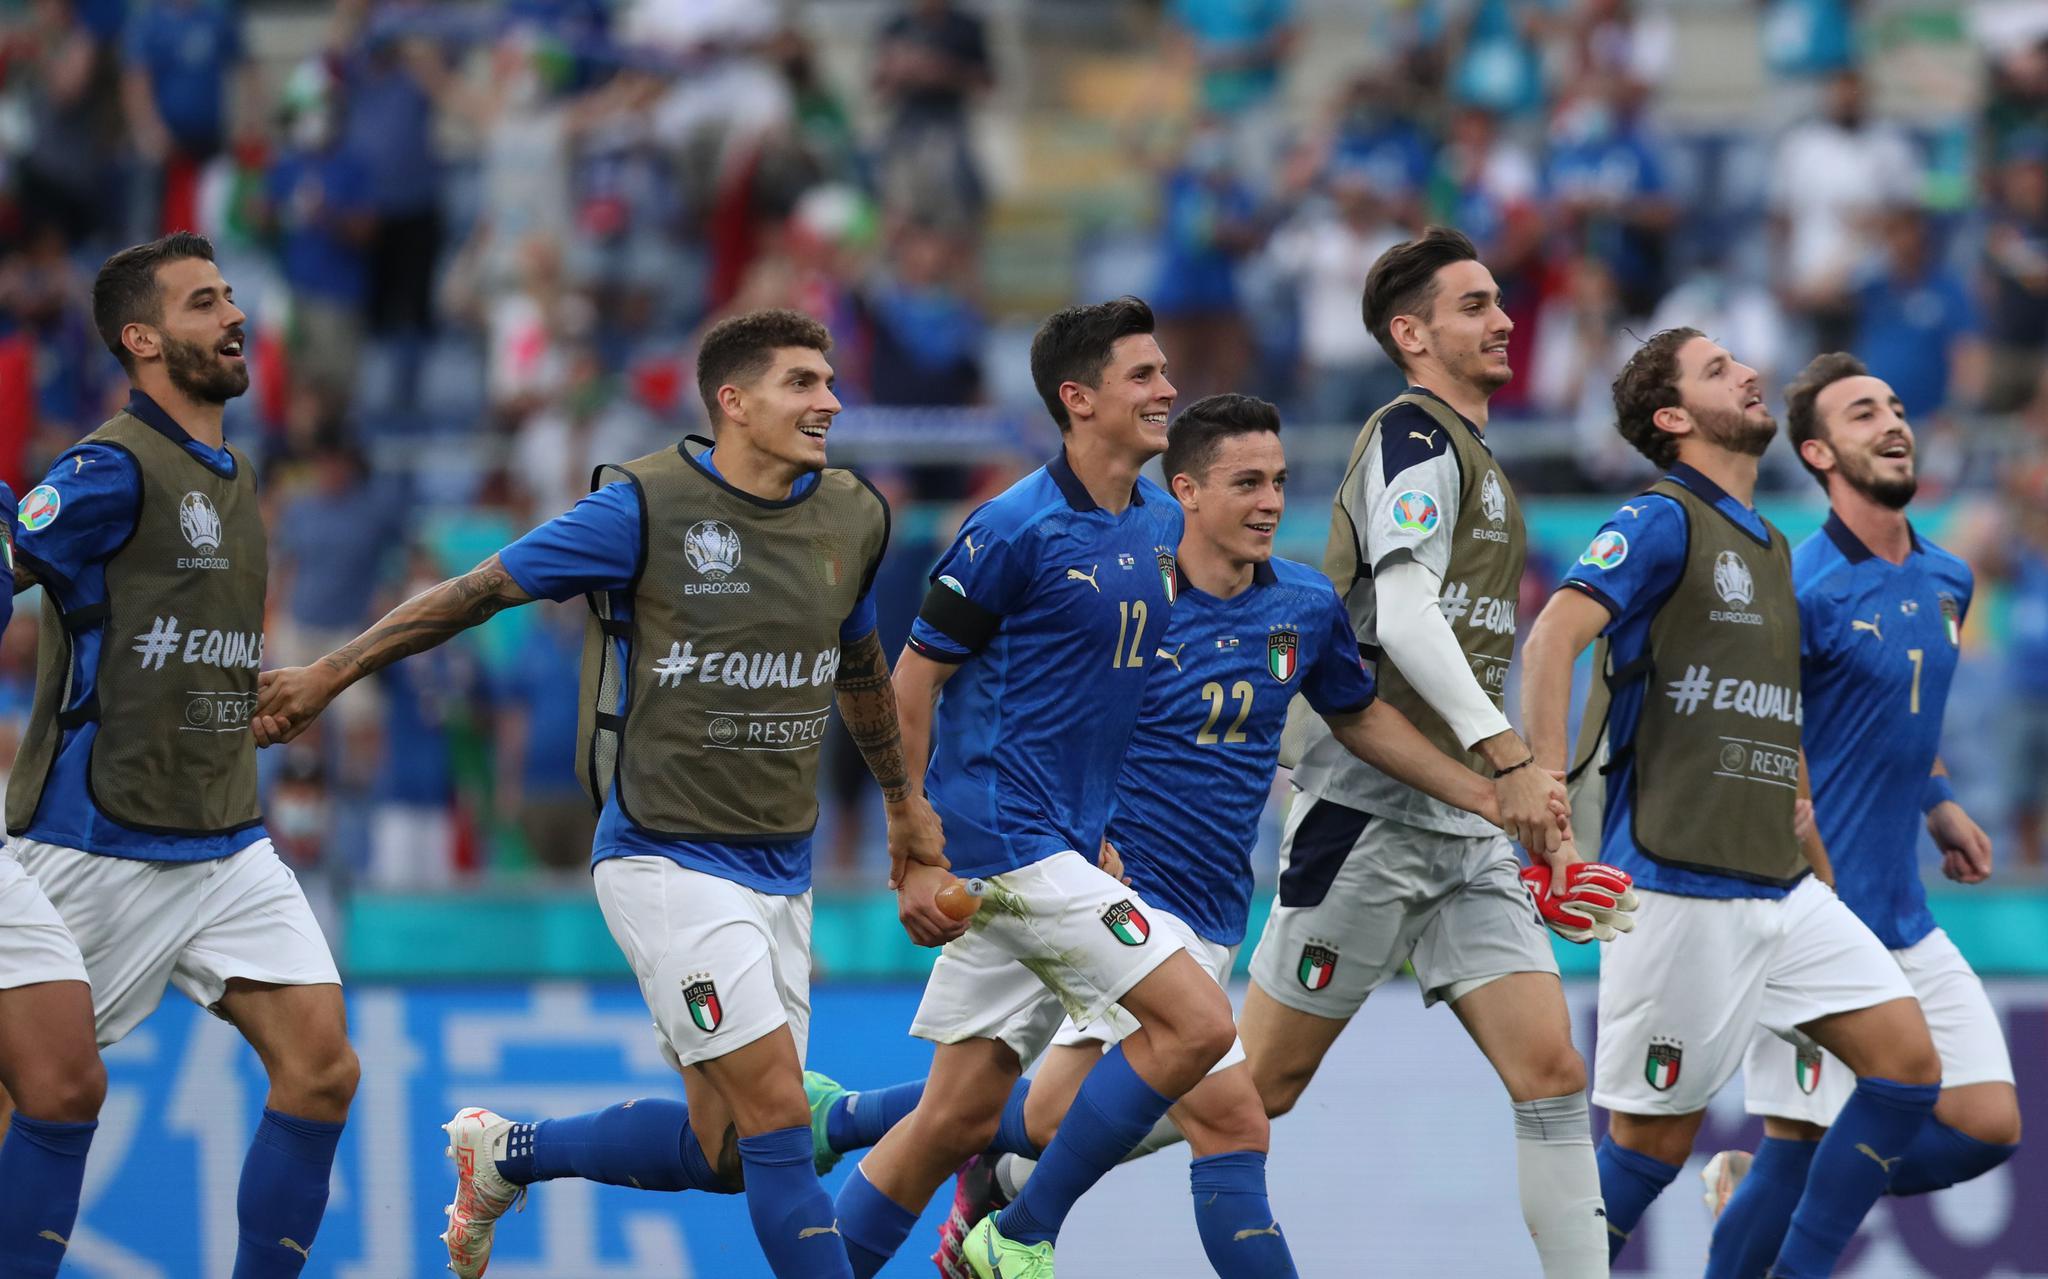 意大利VS奥地利:8强向意大利招手 能否零封是焦点